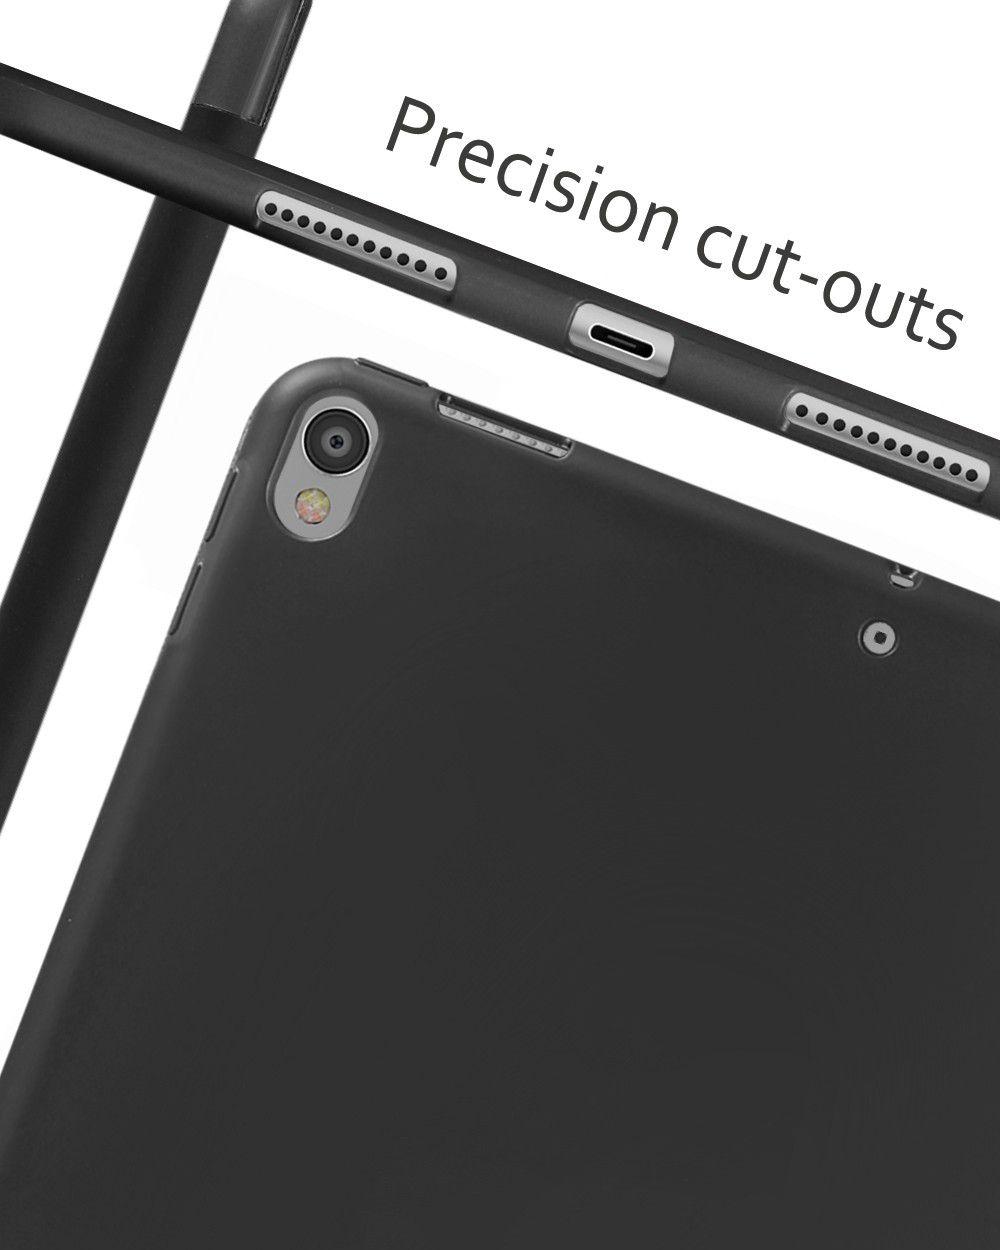 Capa Smart Case Ipad Pro 9.7 Apple A1673 A1674 A1675 Frontal + Traseira